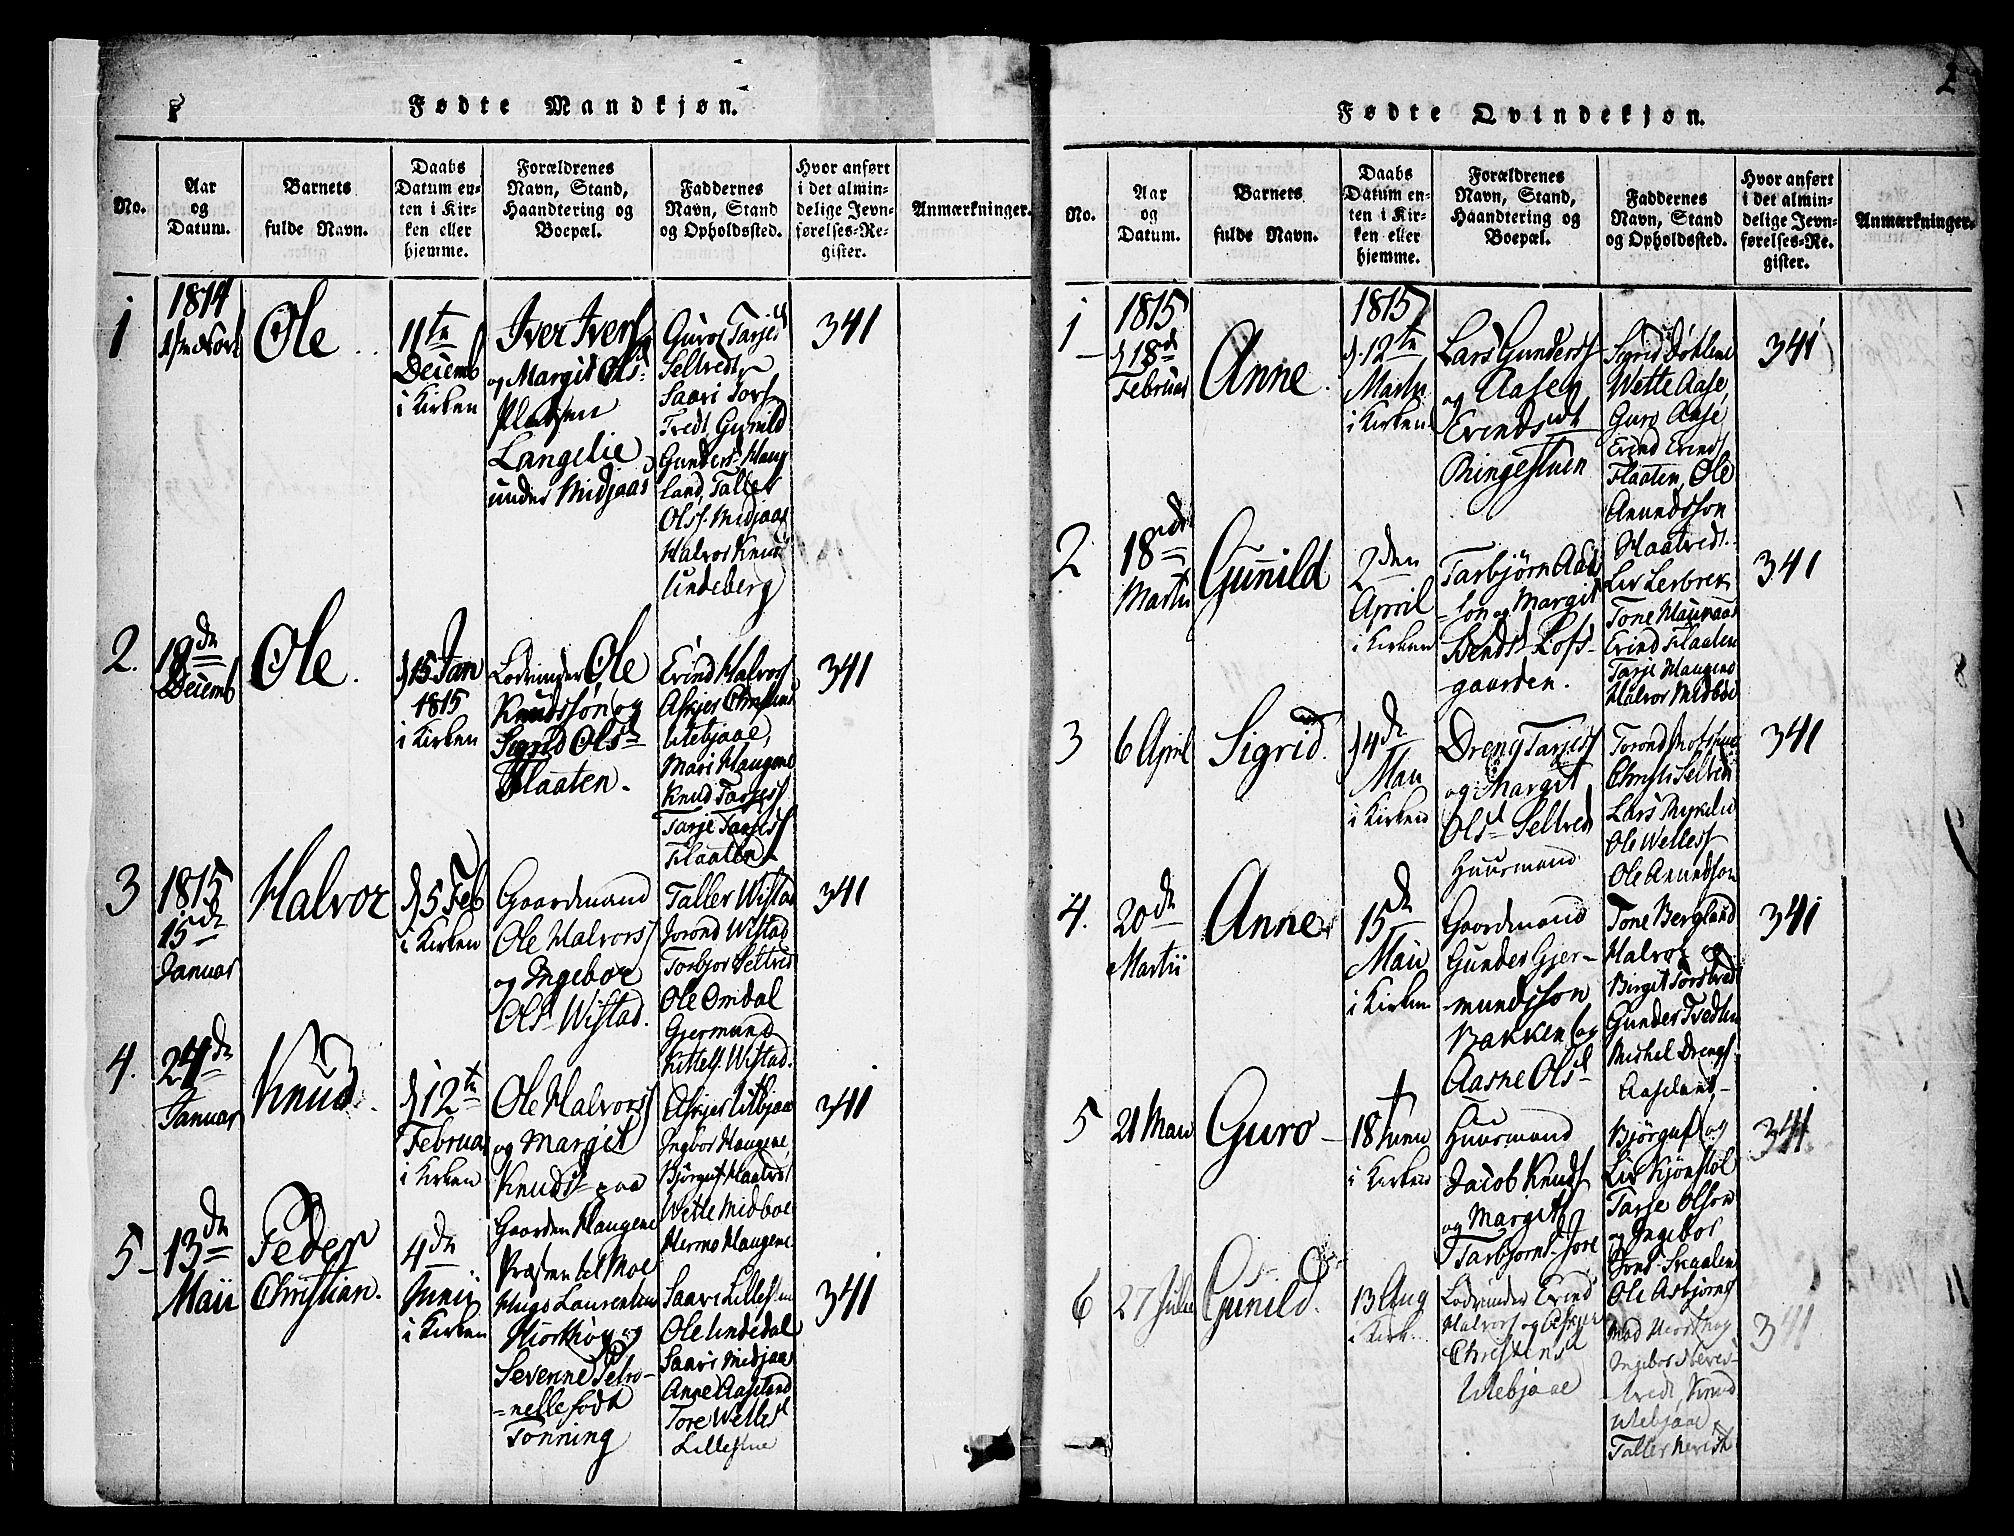 SAKO, Mo kirkebøker, F/Fa/L0004: Ministerialbok nr. I 4, 1814-1844, s. 2